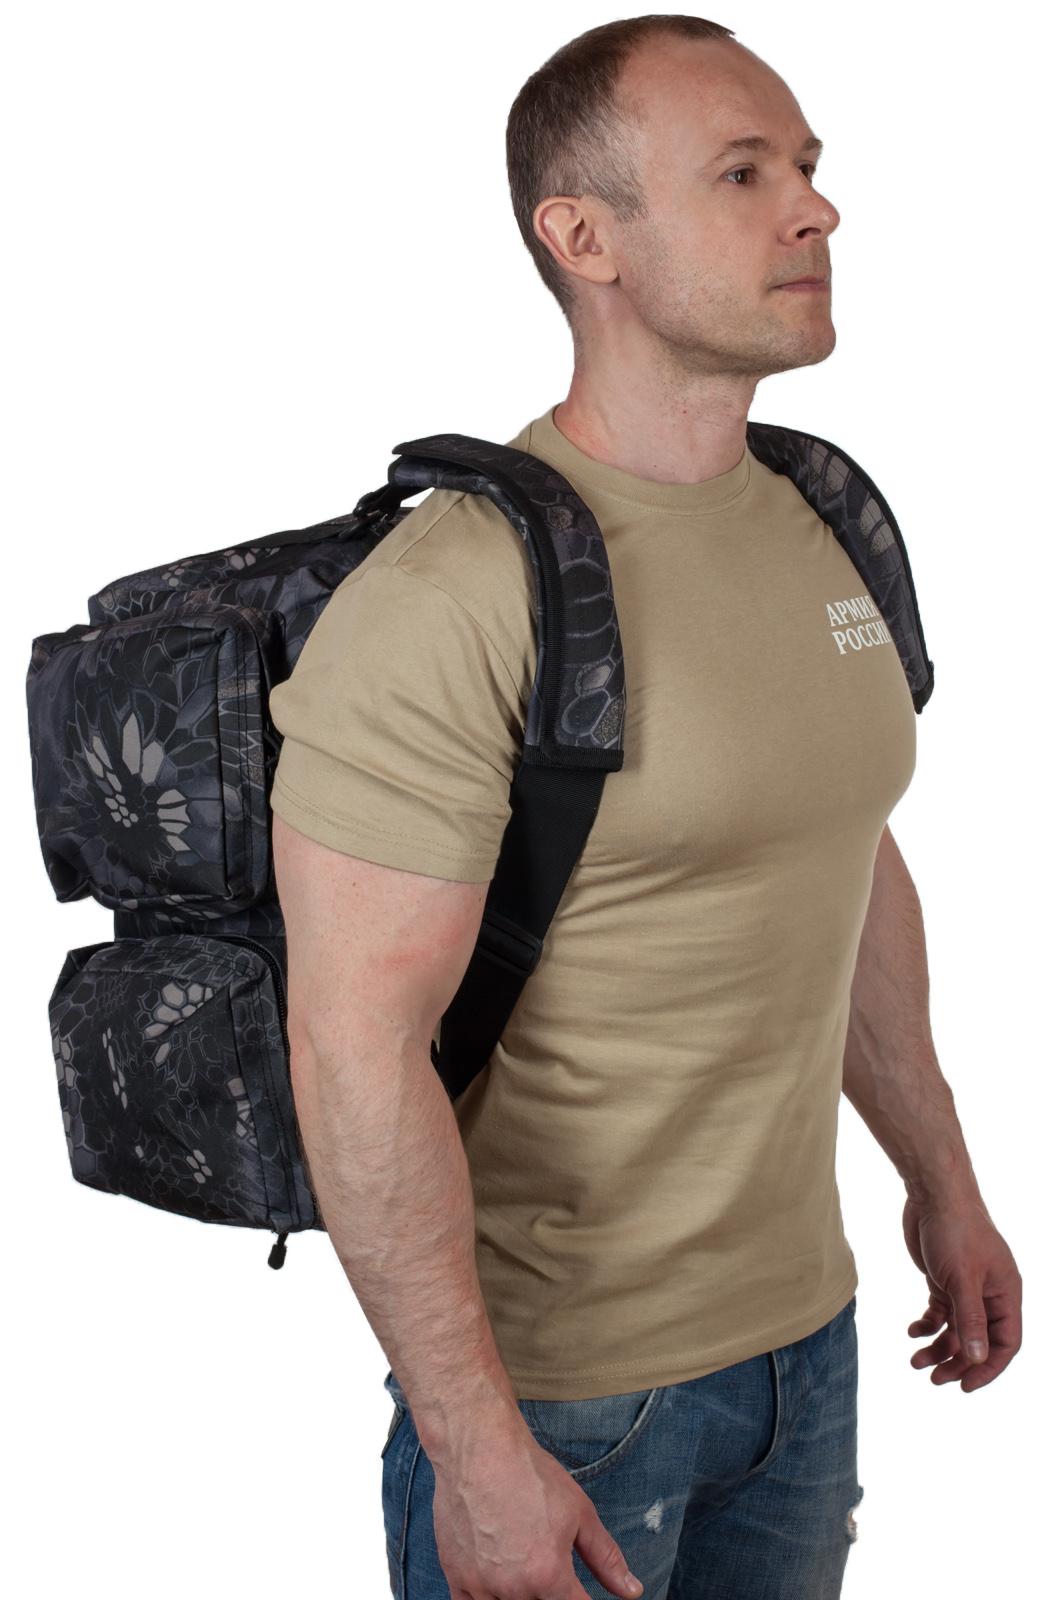 Мужская дорожная сумка-рюкзак Ни пуха, Ни пера - заказать с доставкой